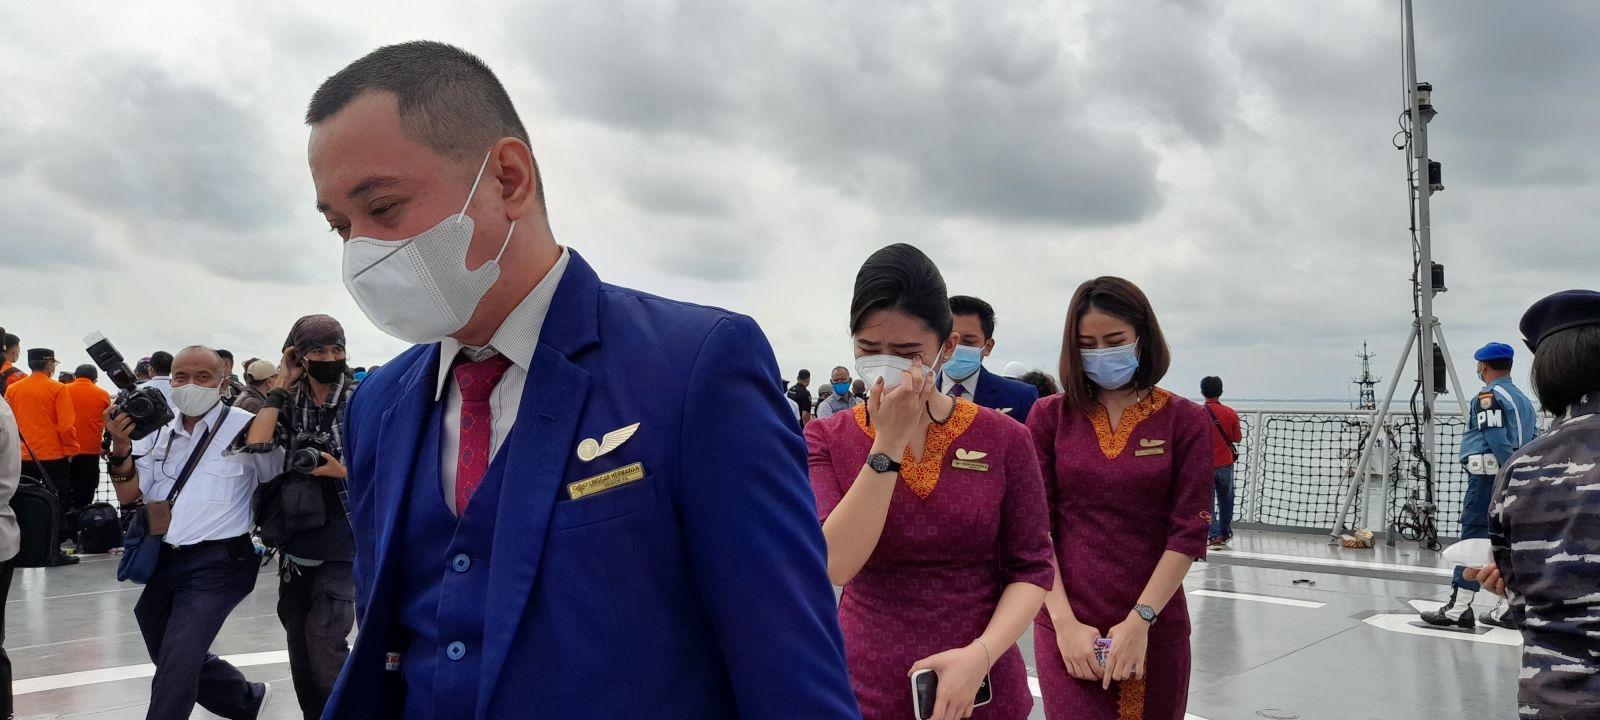 Suasana acara tabur bunga untuk para korban pesawat Sriwijaya Air SJ-182 dari atas KRI Semarang-594 di perairan Kepulauan Seribu, Jakarta, Jumat, 22 Januari 2021. Foto: GenPI.co/Andri Bagus Syaeful.